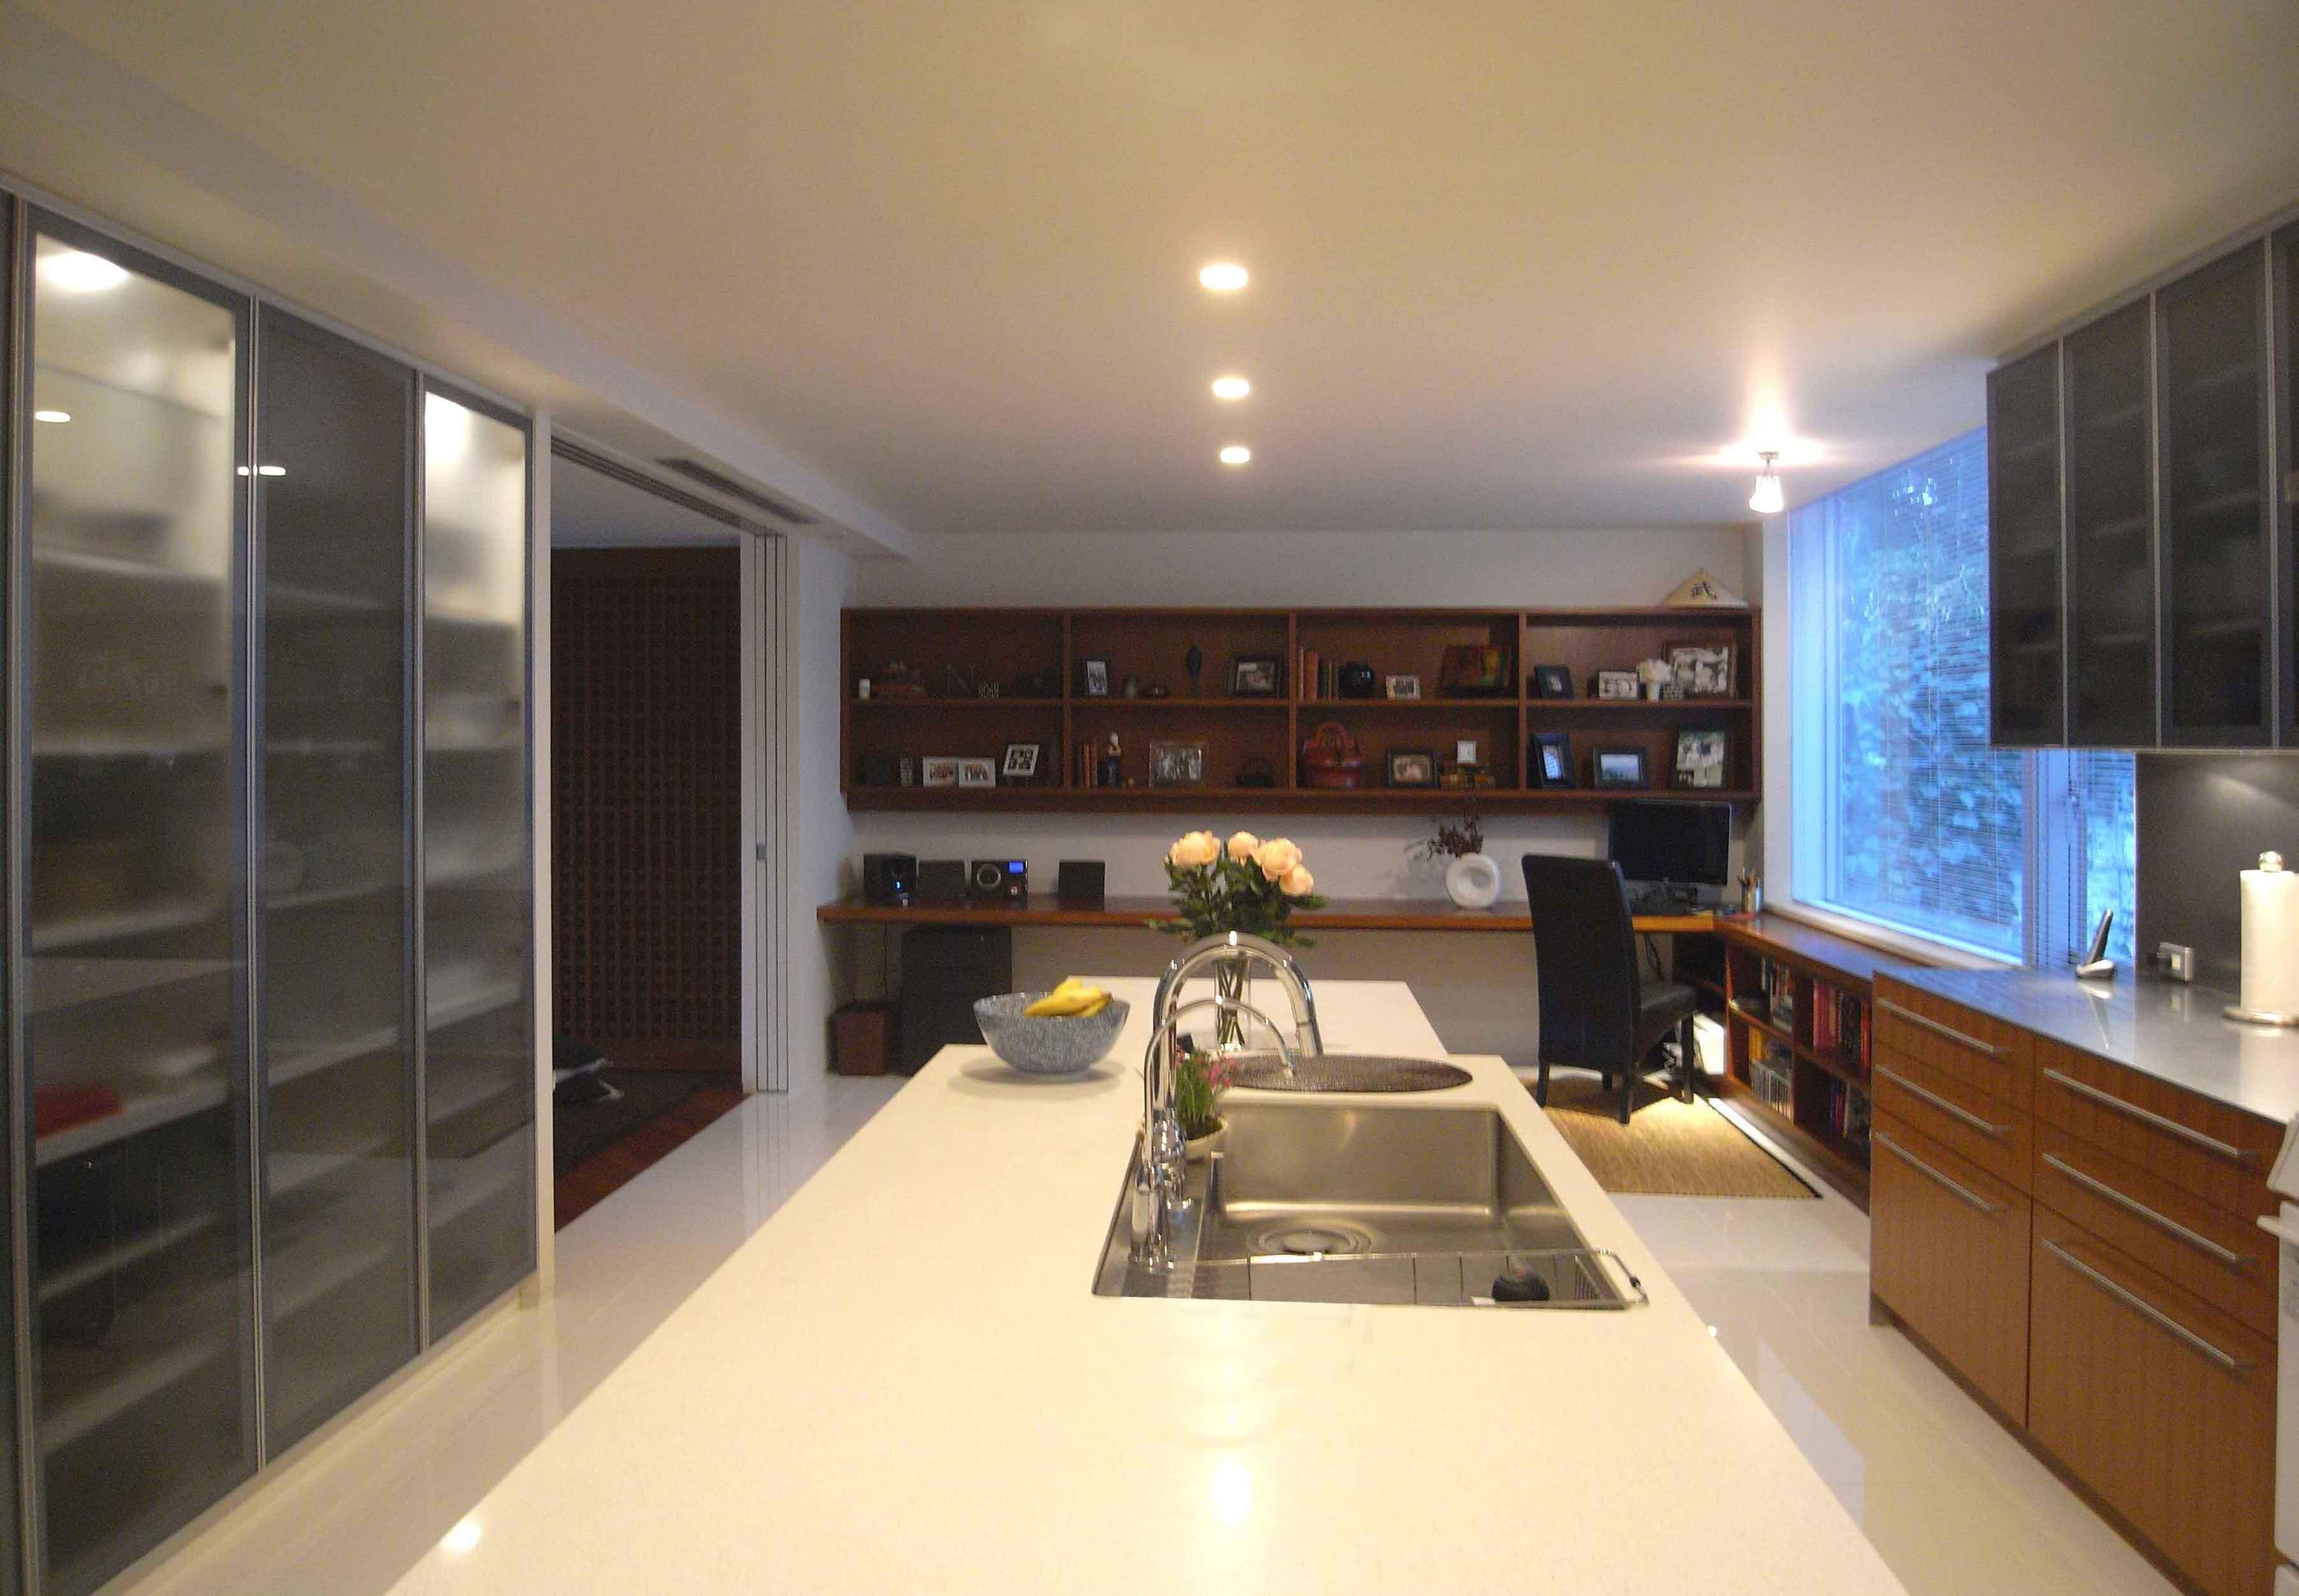 キッチン事例:キッチン(典雅さを目指した広尾の住まい RCビシャン仕上げの外観 シノワズリのインテリア空間)